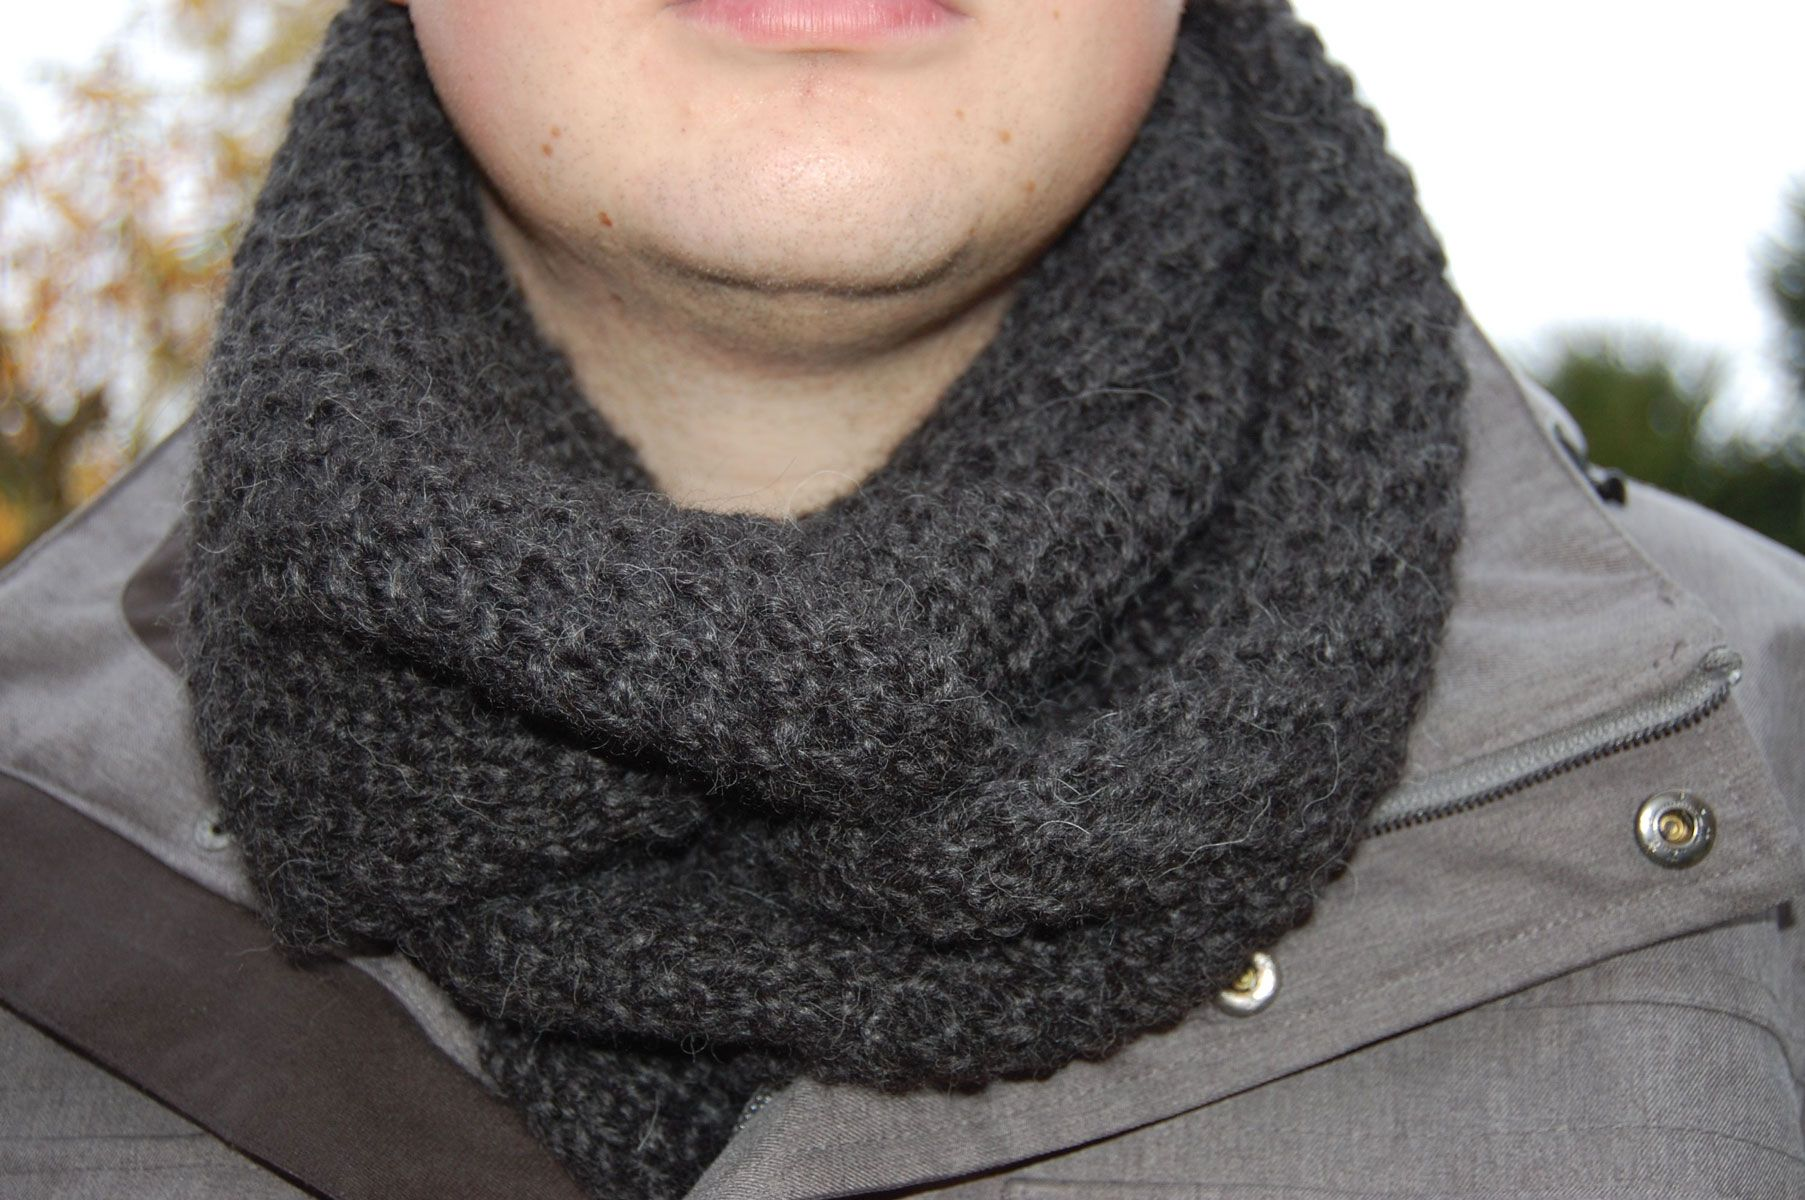 Anleitung schal stricken f r m nner stricken pinterest knit crochet and crochet - Moderne schals stricken ...